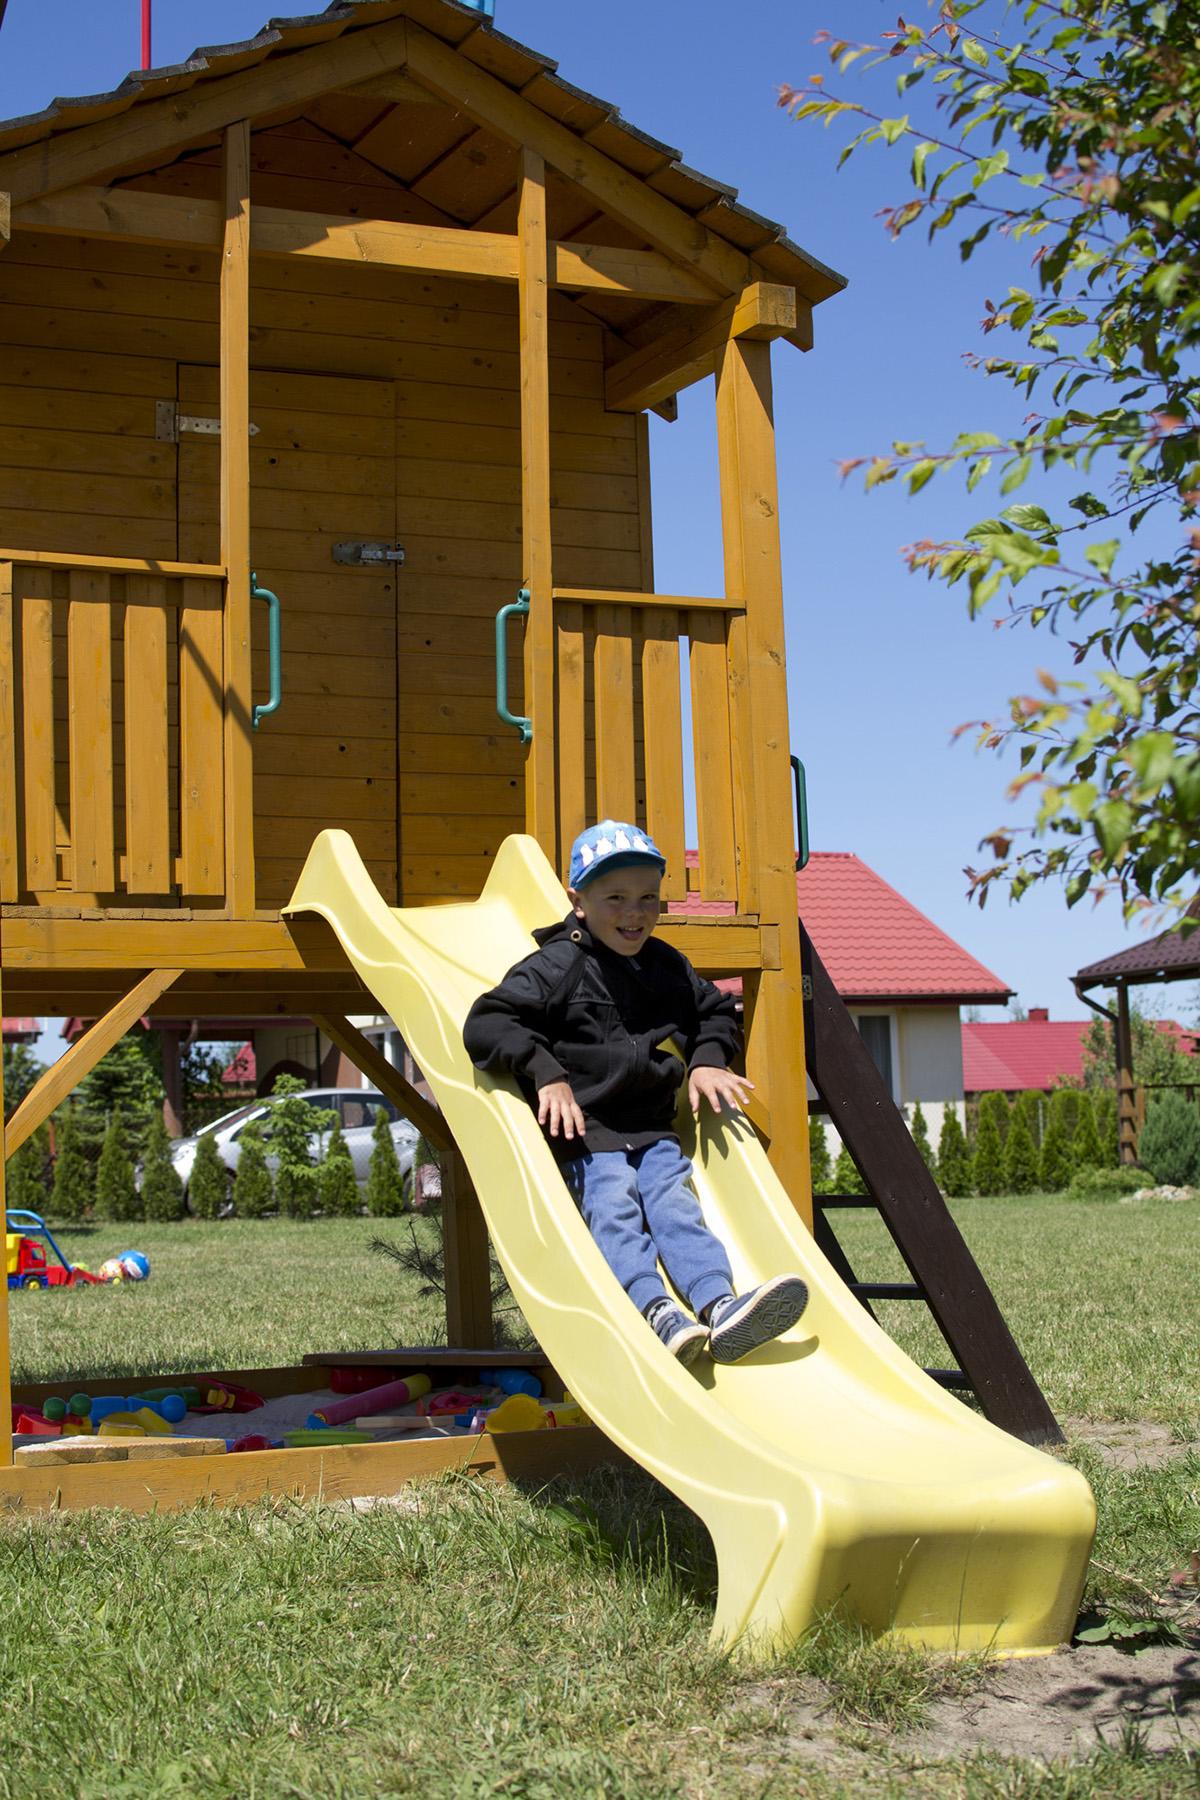 Domek dla dzieci na placu zabaw